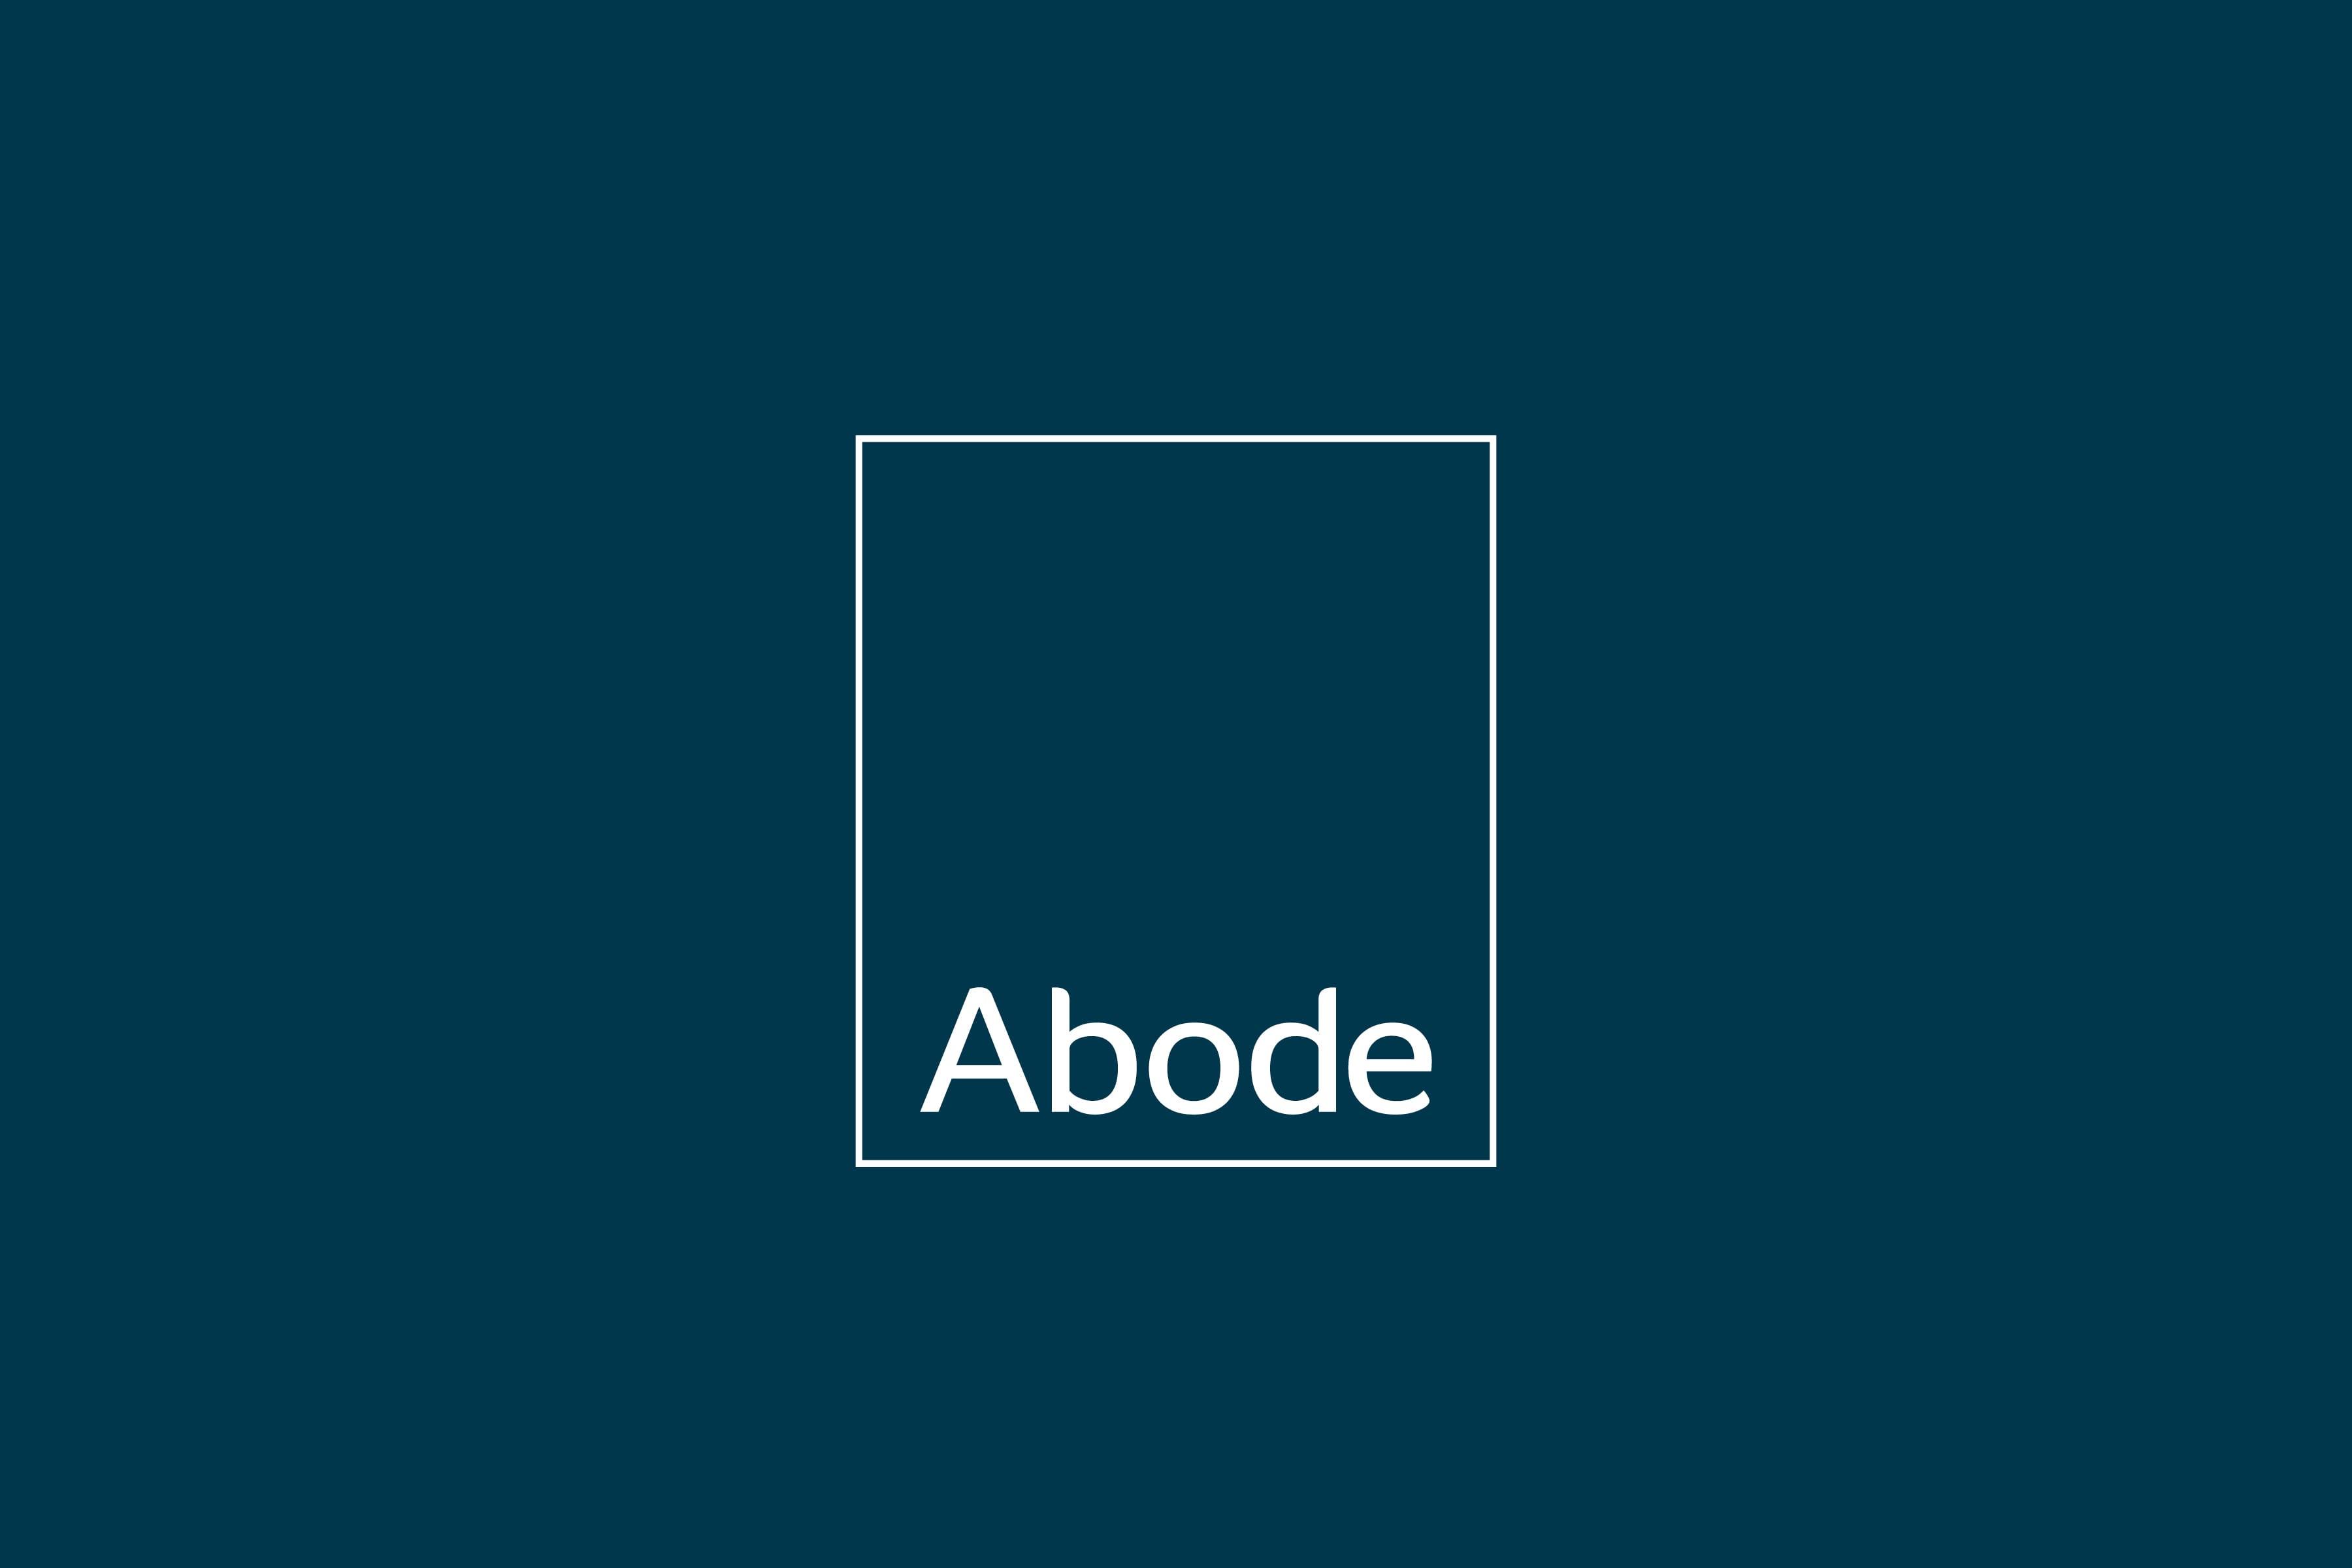 Abode full colour logo | brand marketing agency